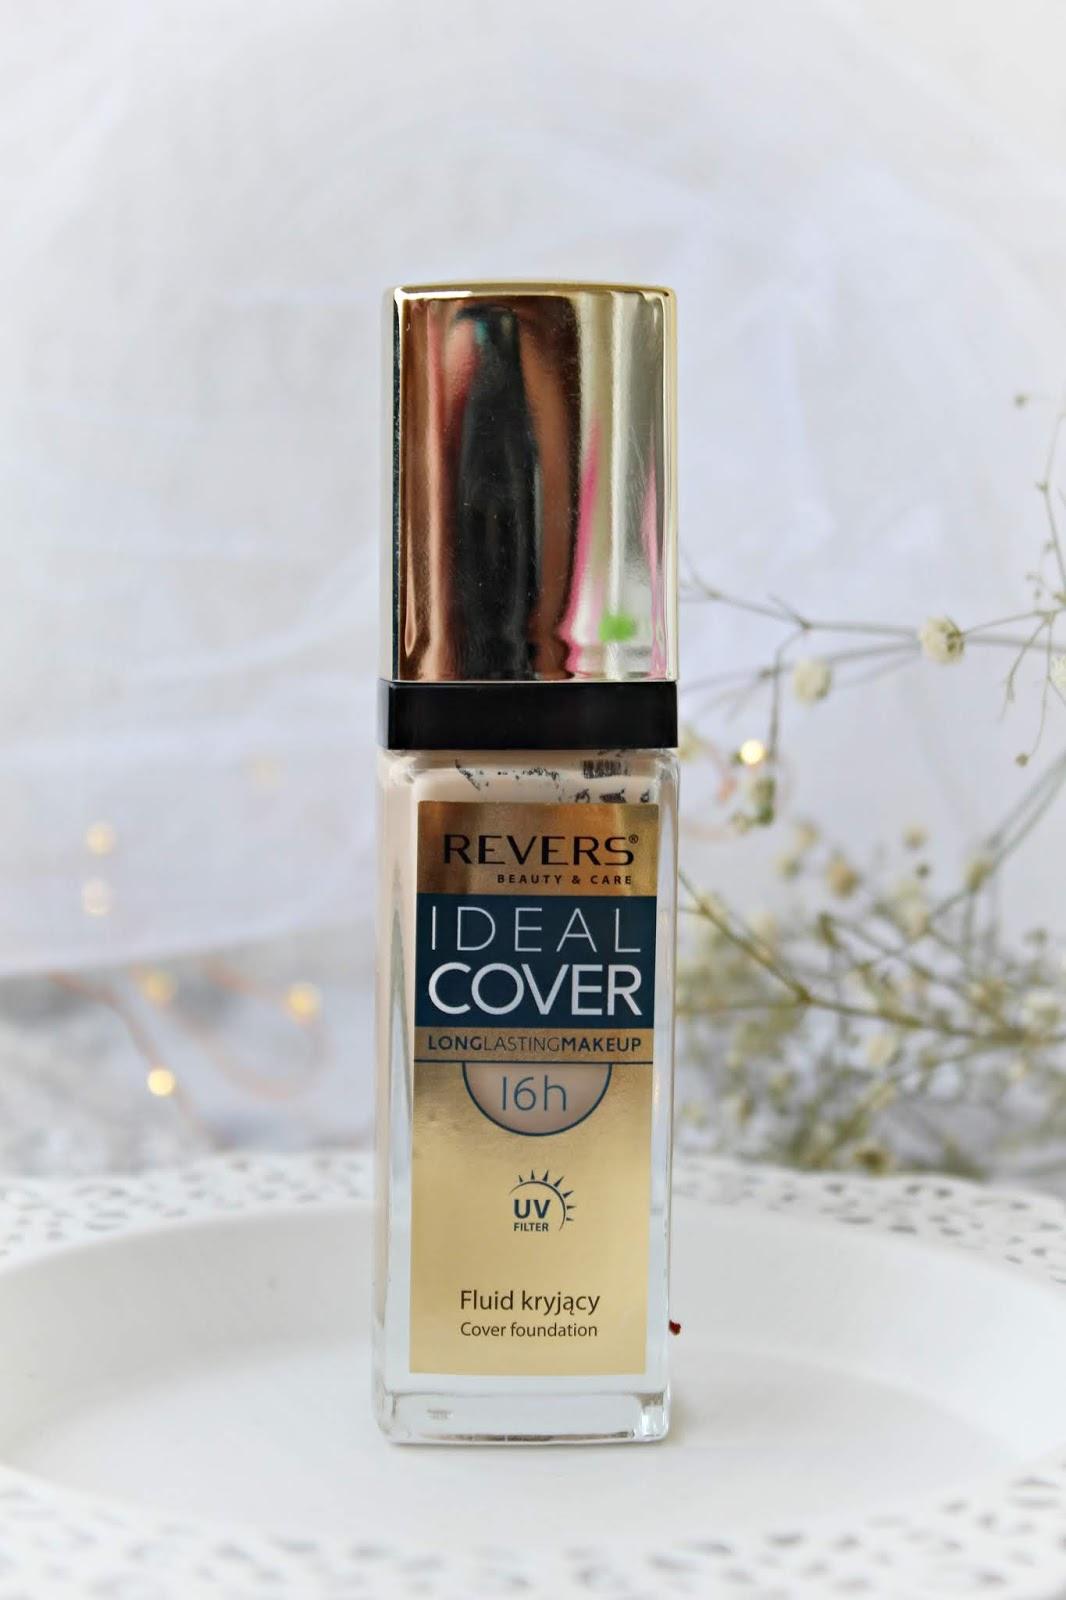 Długotrwały podkład silnie kryjący IDEAL COVER - Revers Cosmetics